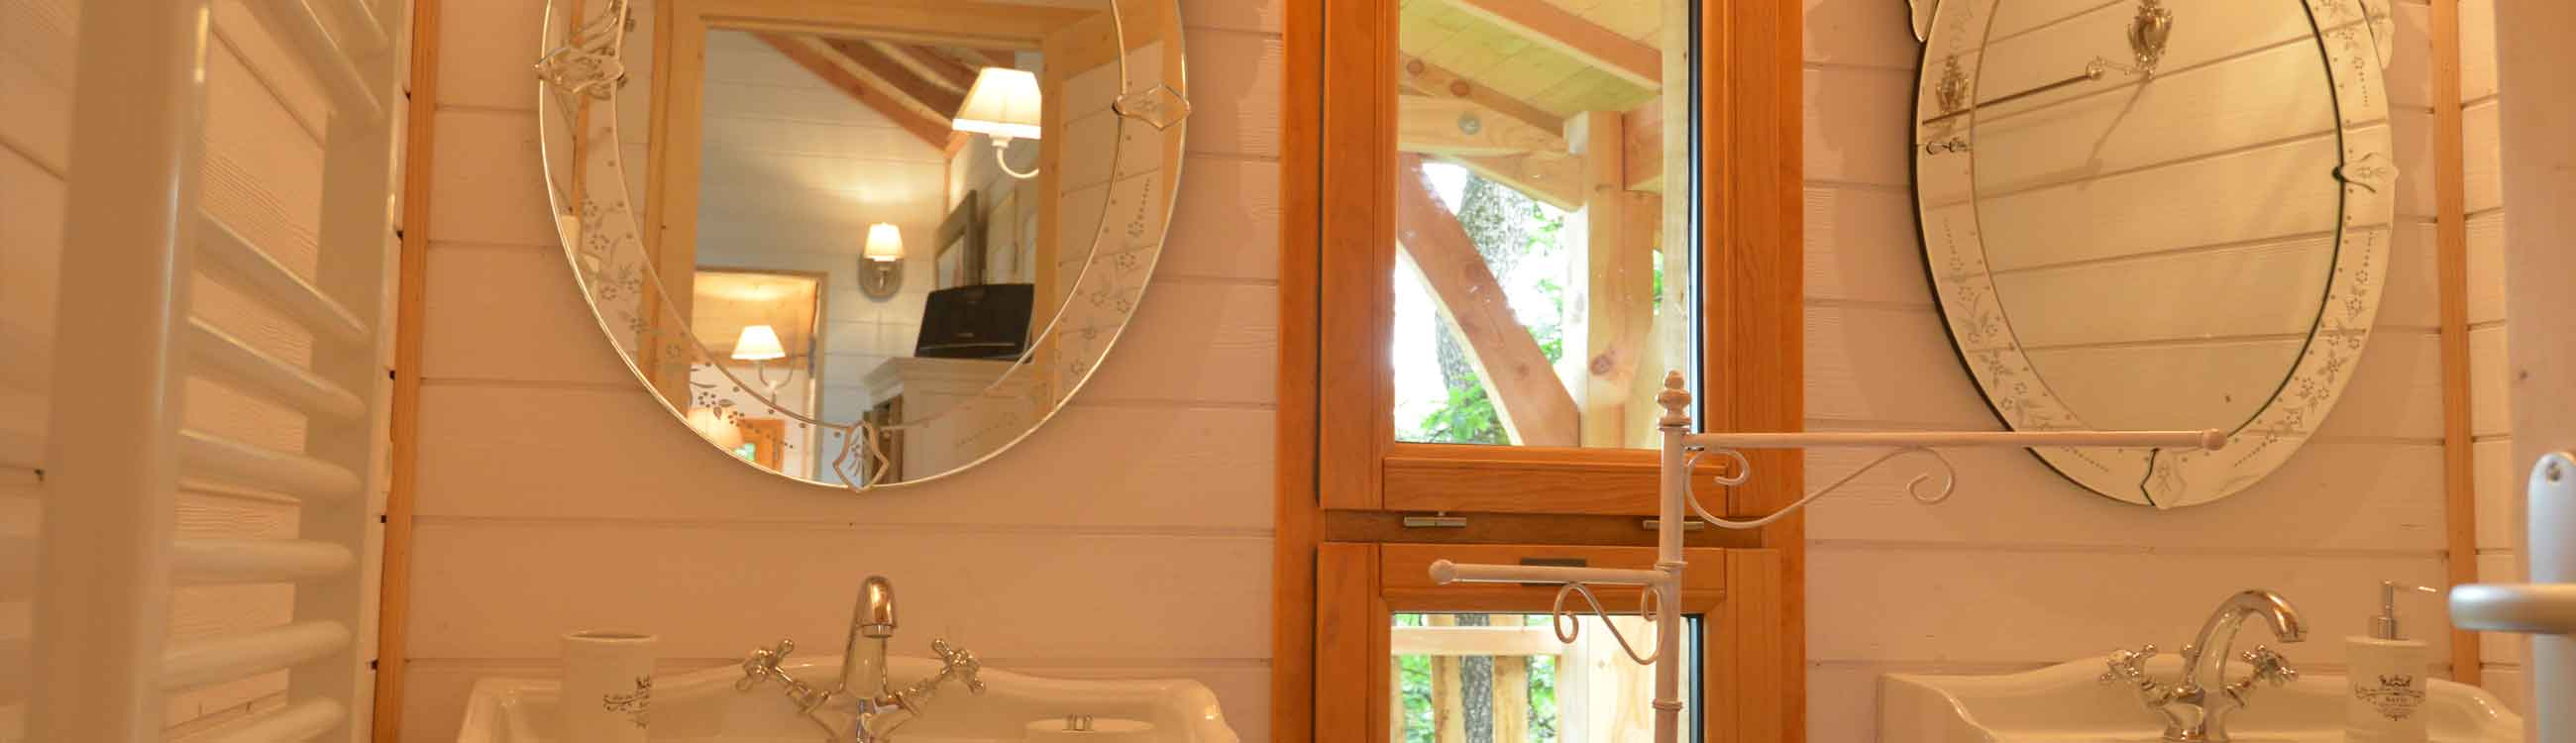 Cabane toscane avec spa lot et garonne - Cabane dans les arbres avec salle de bain ...